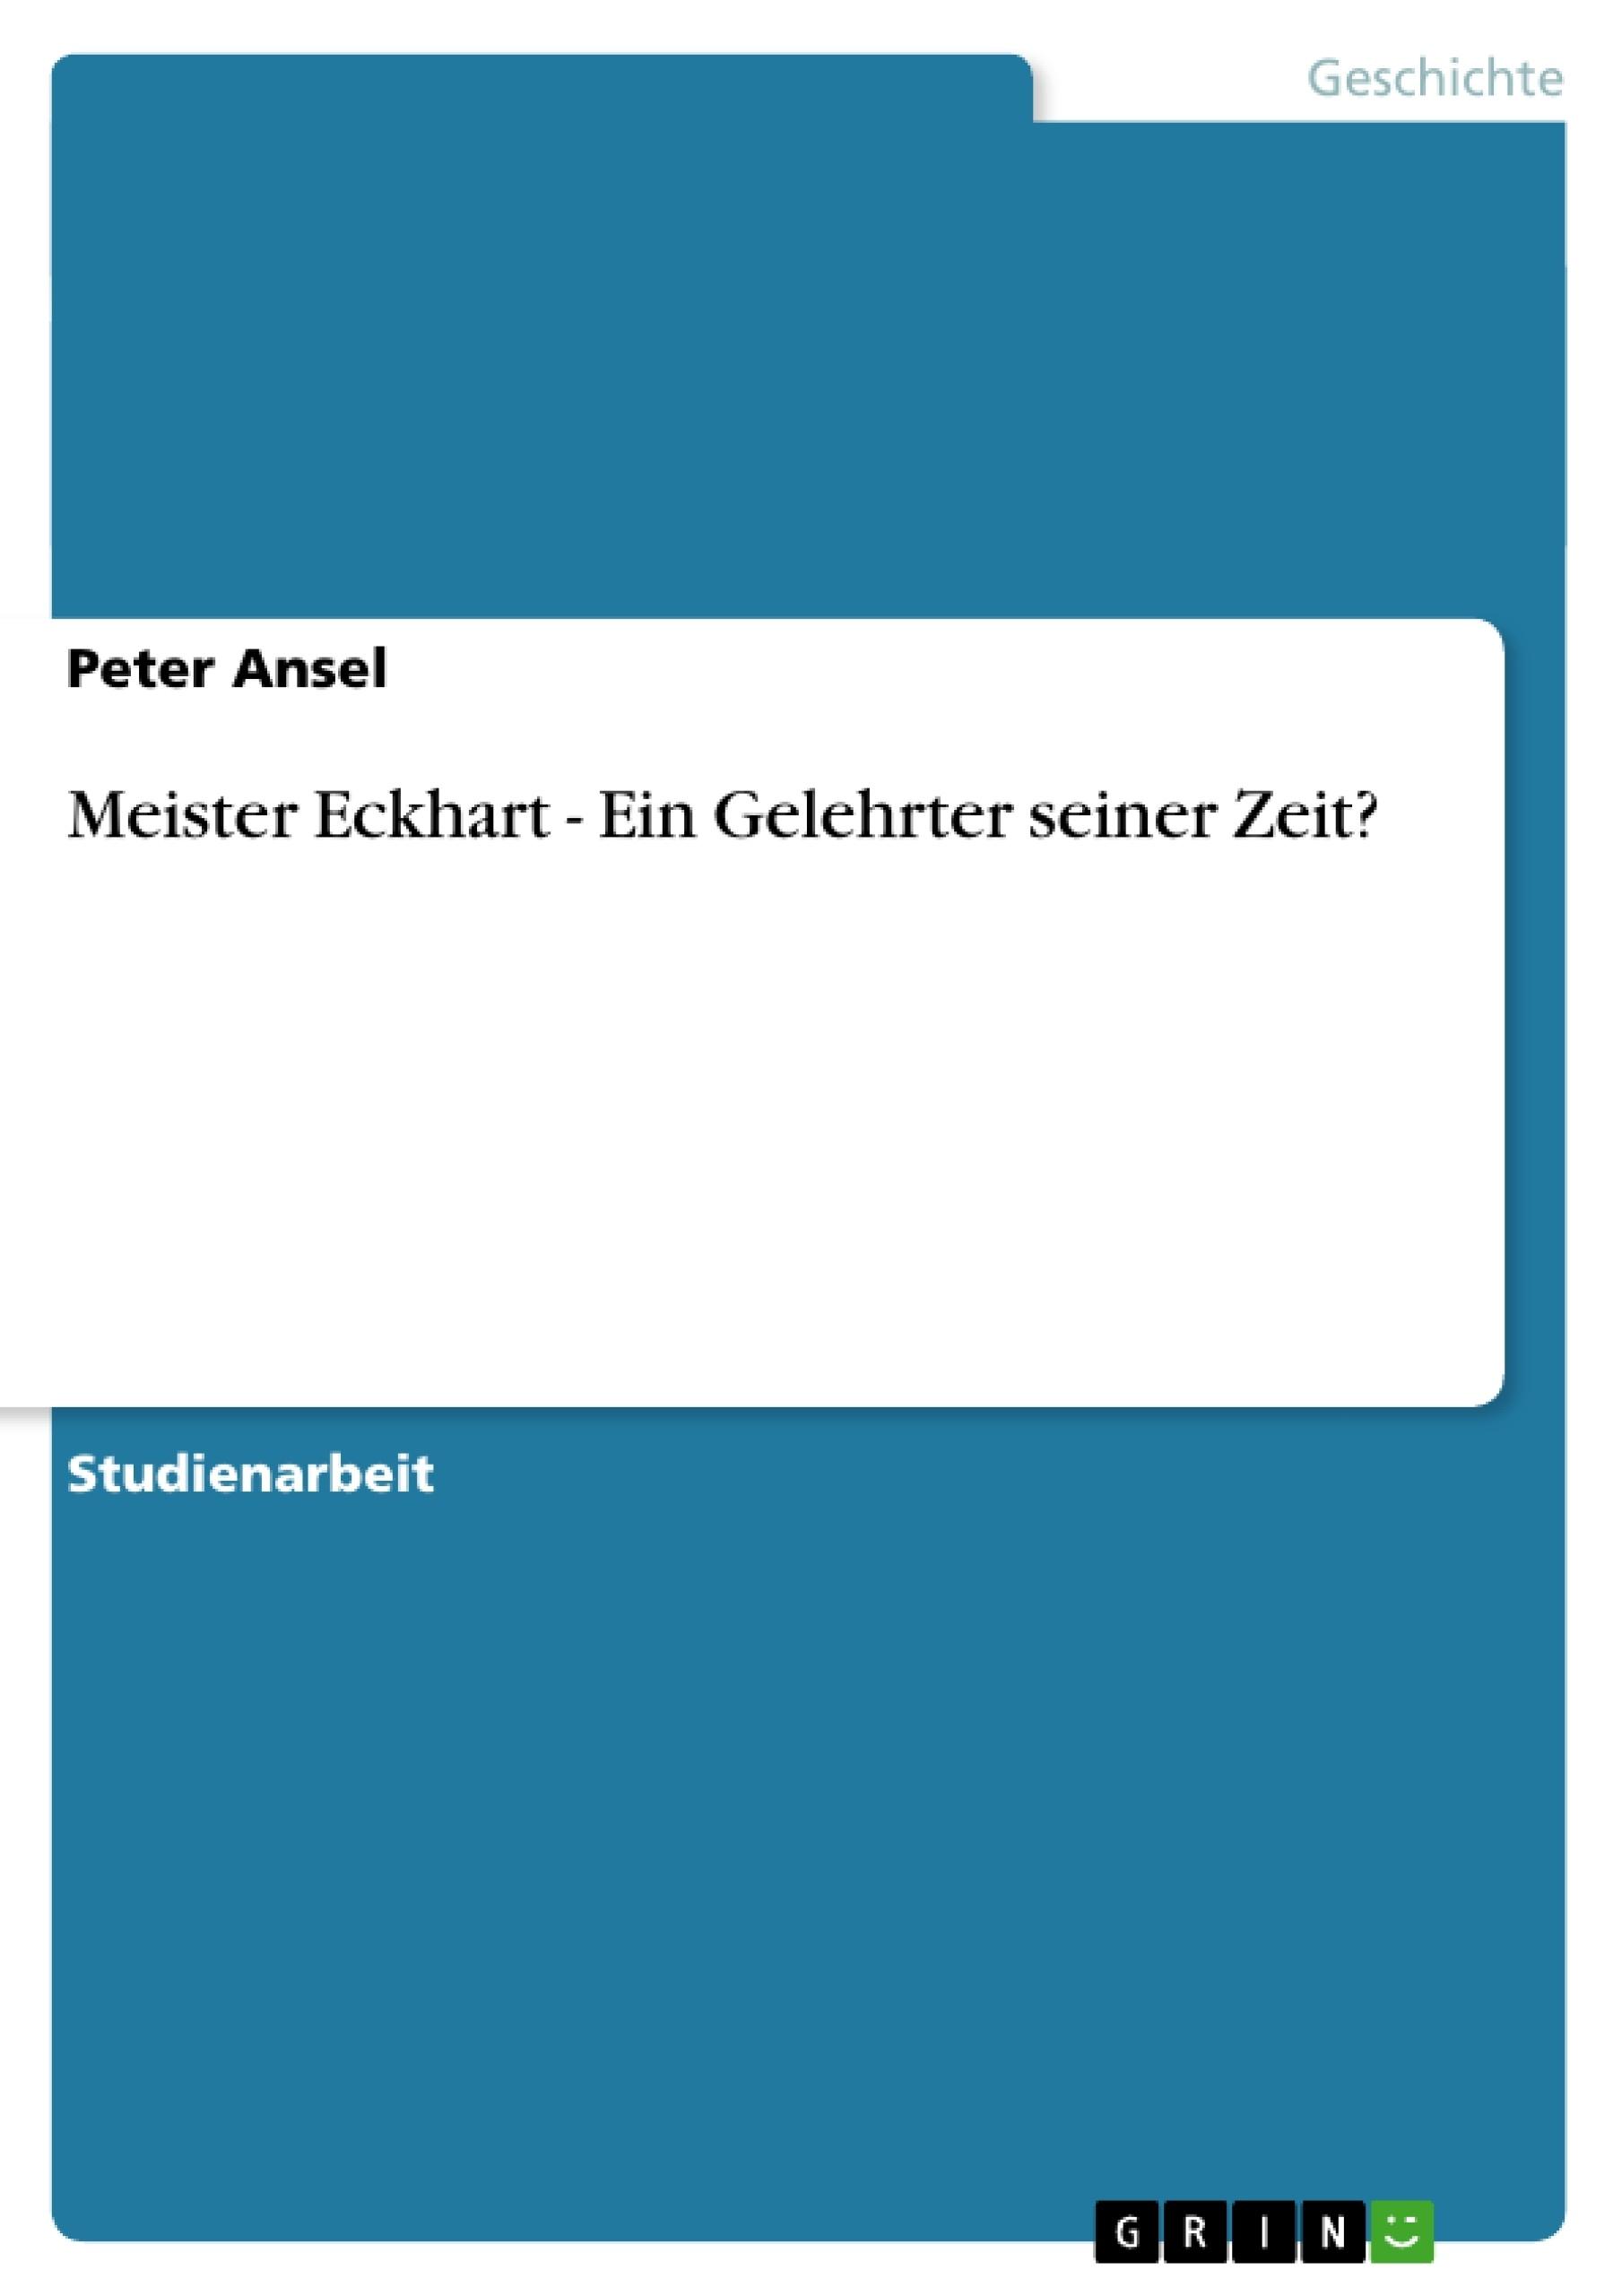 Titel: Meister Eckhart - Ein Gelehrter seiner Zeit?